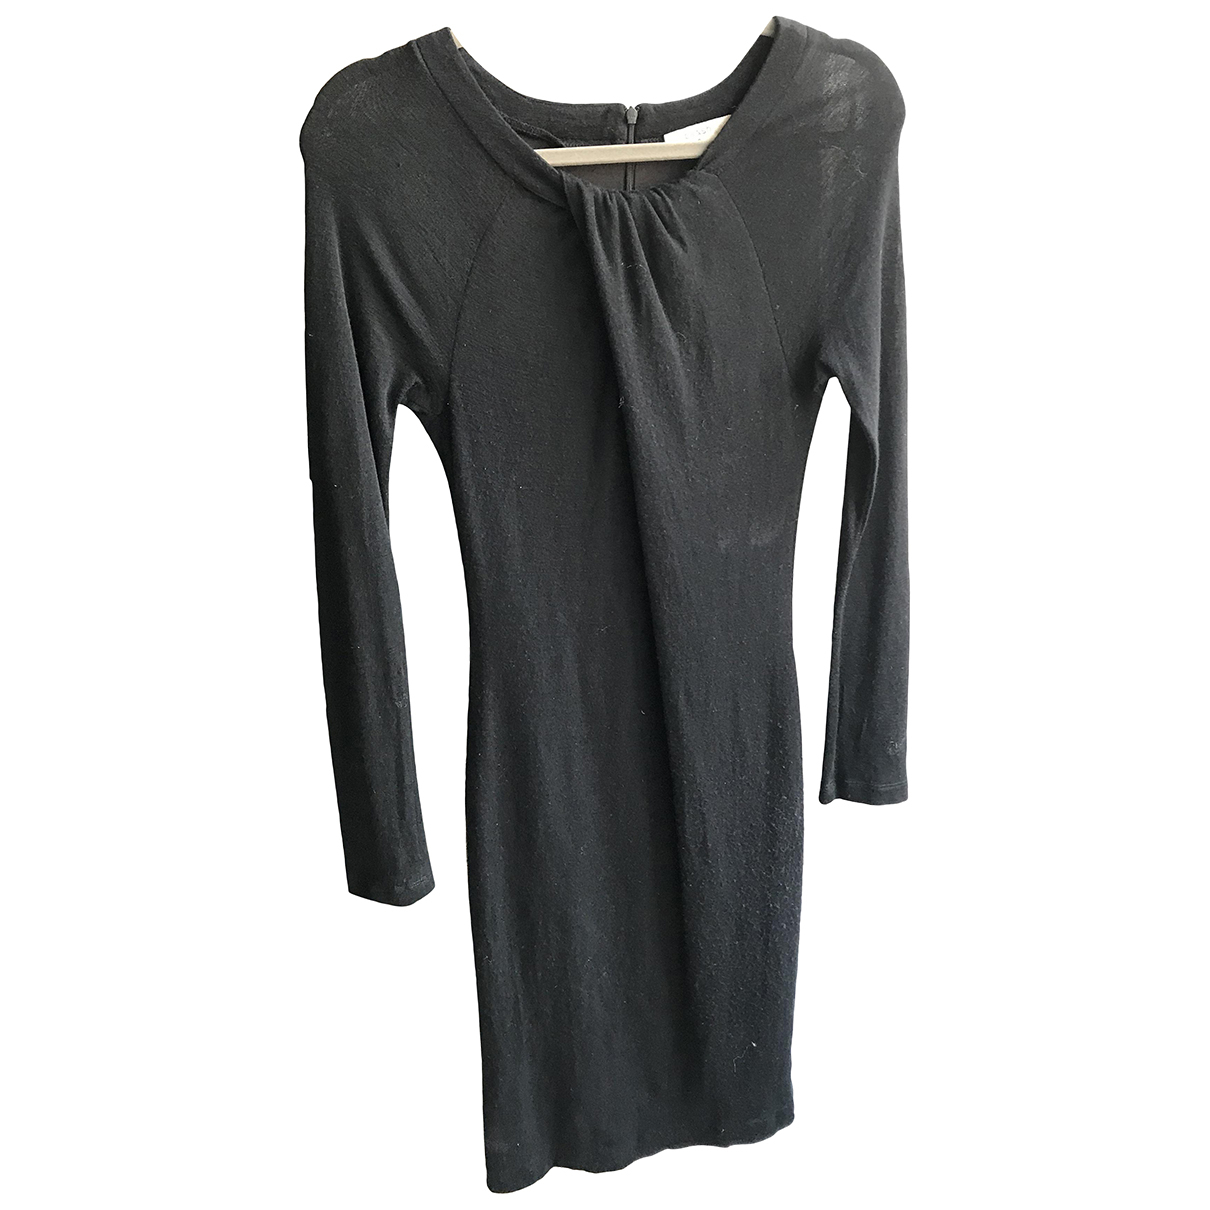 Ba&sh \N Black Wool dress for Women 2 0-5